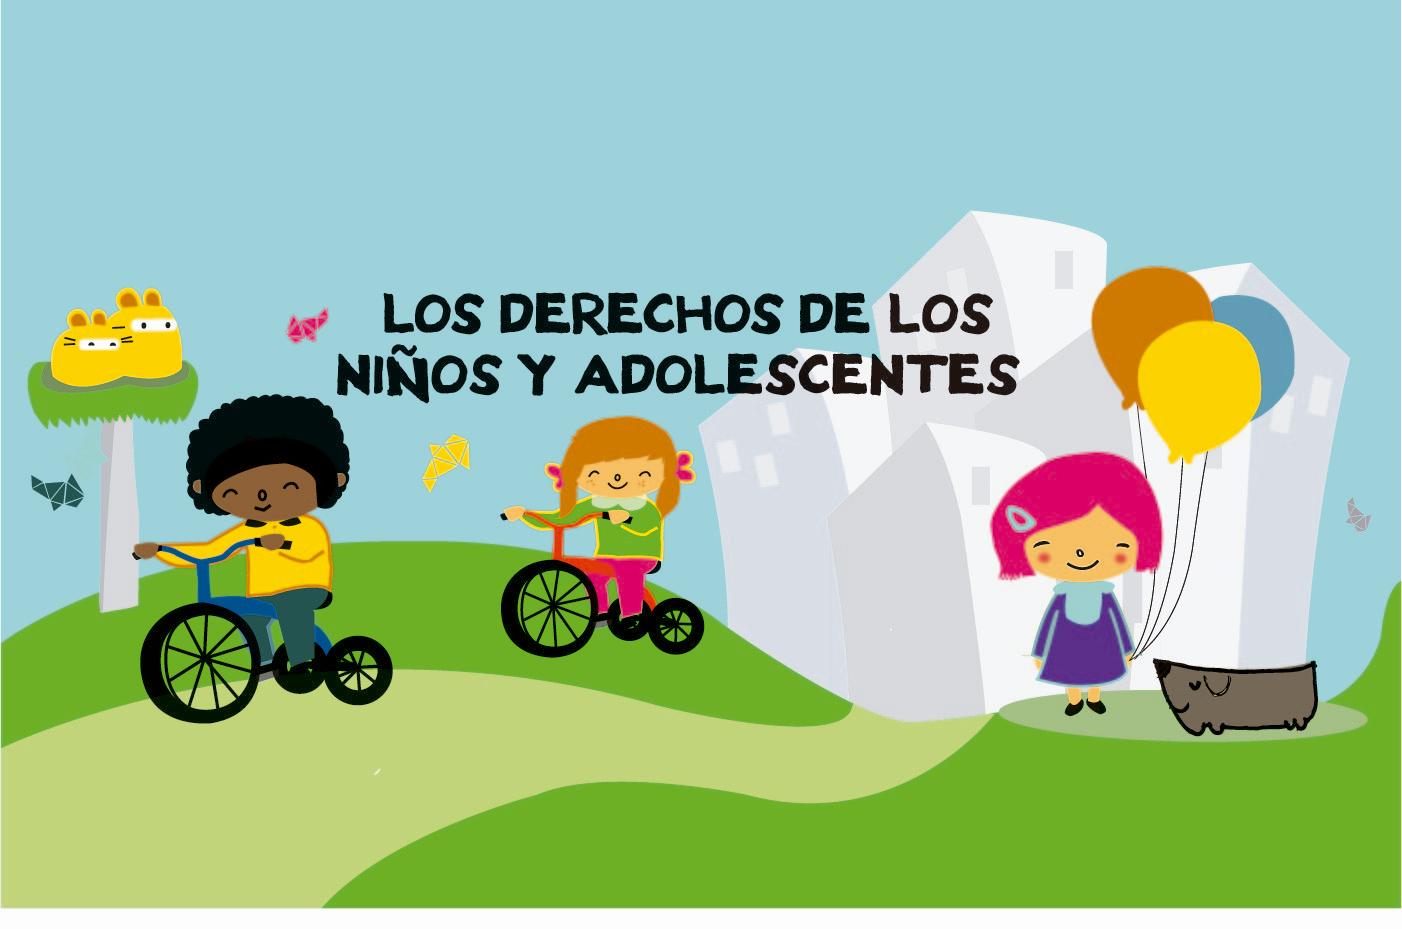 imagen slide con dibujos de niños en un parque